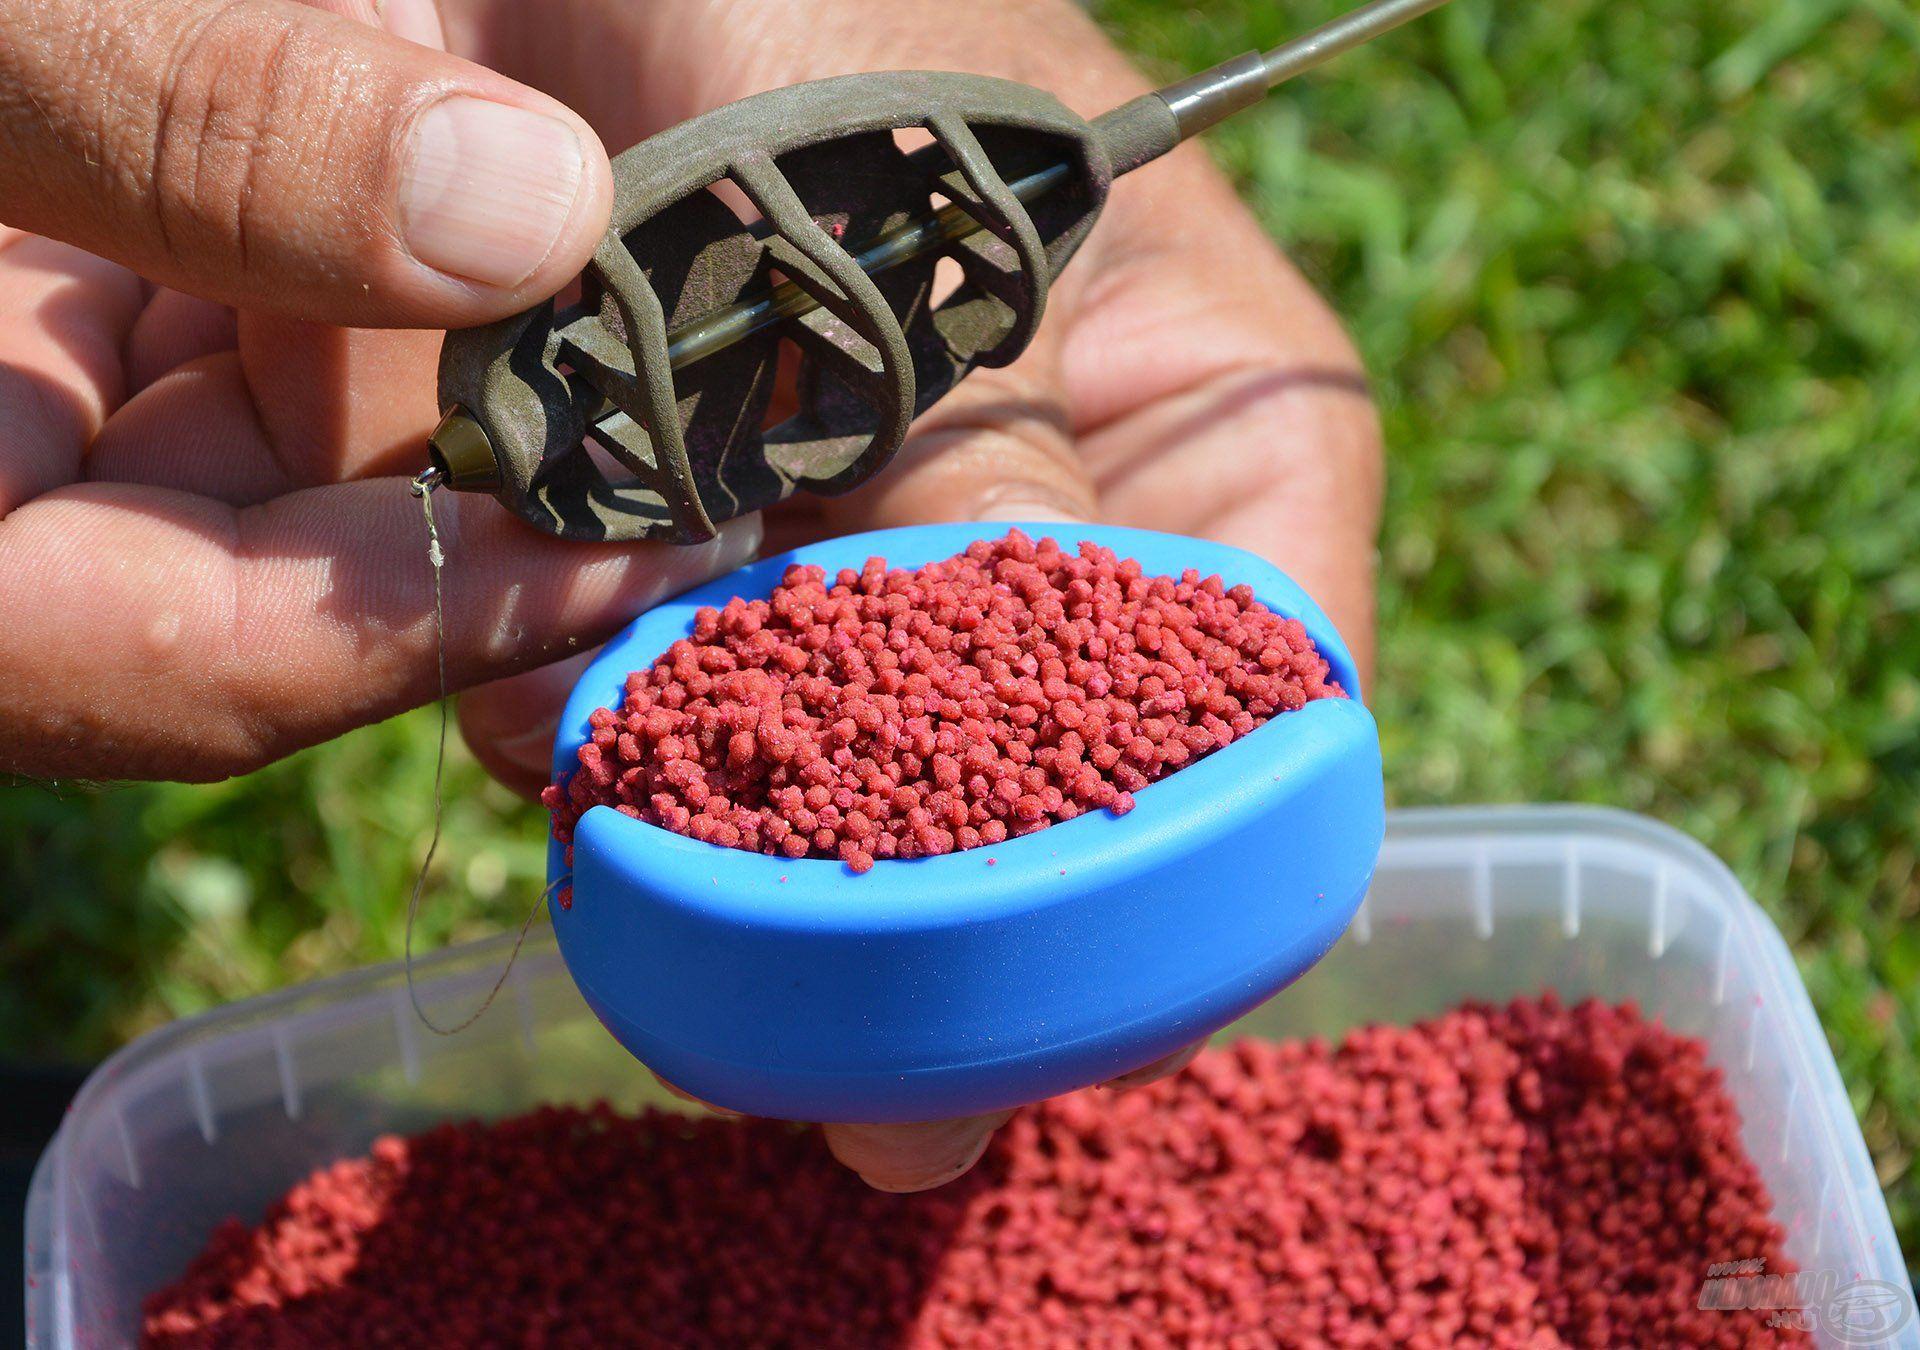 Ezután a töltőforma kapacitását kihasználva fedjük be micro pelletekkel, majd felülről préseljük bele a kosarat